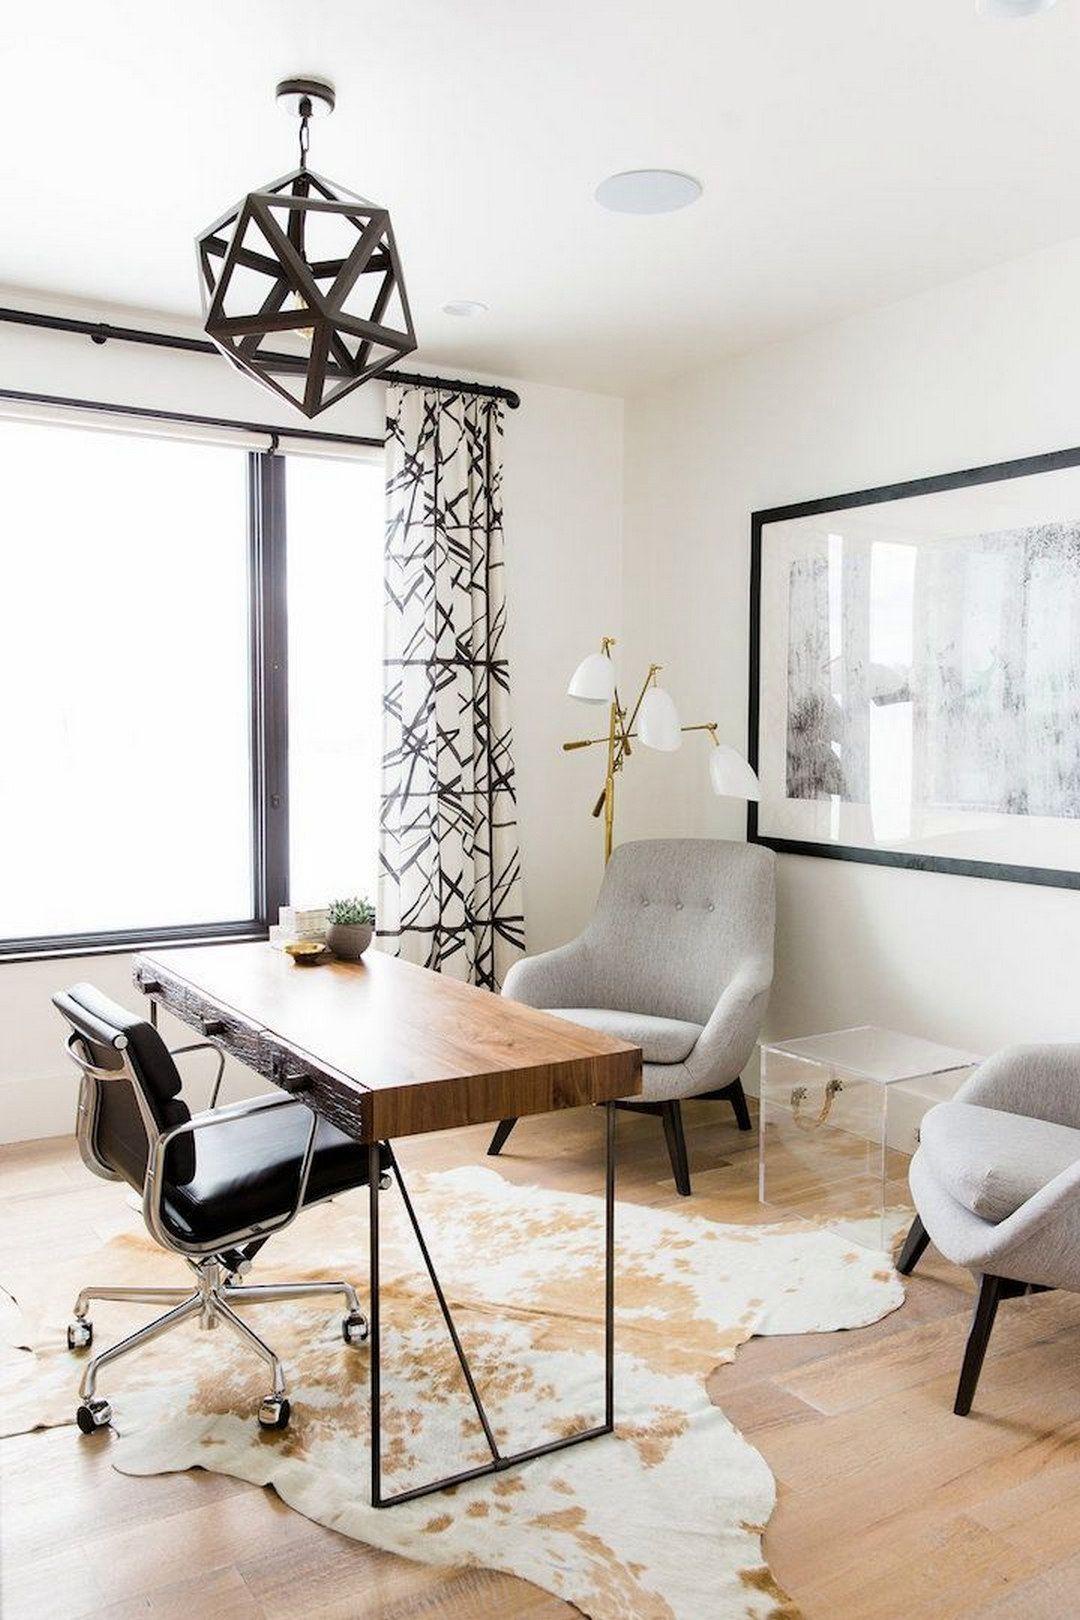 99 Fantastic Minimalist Home Decor Ideas  Https://www.futuristarchitecture.com/